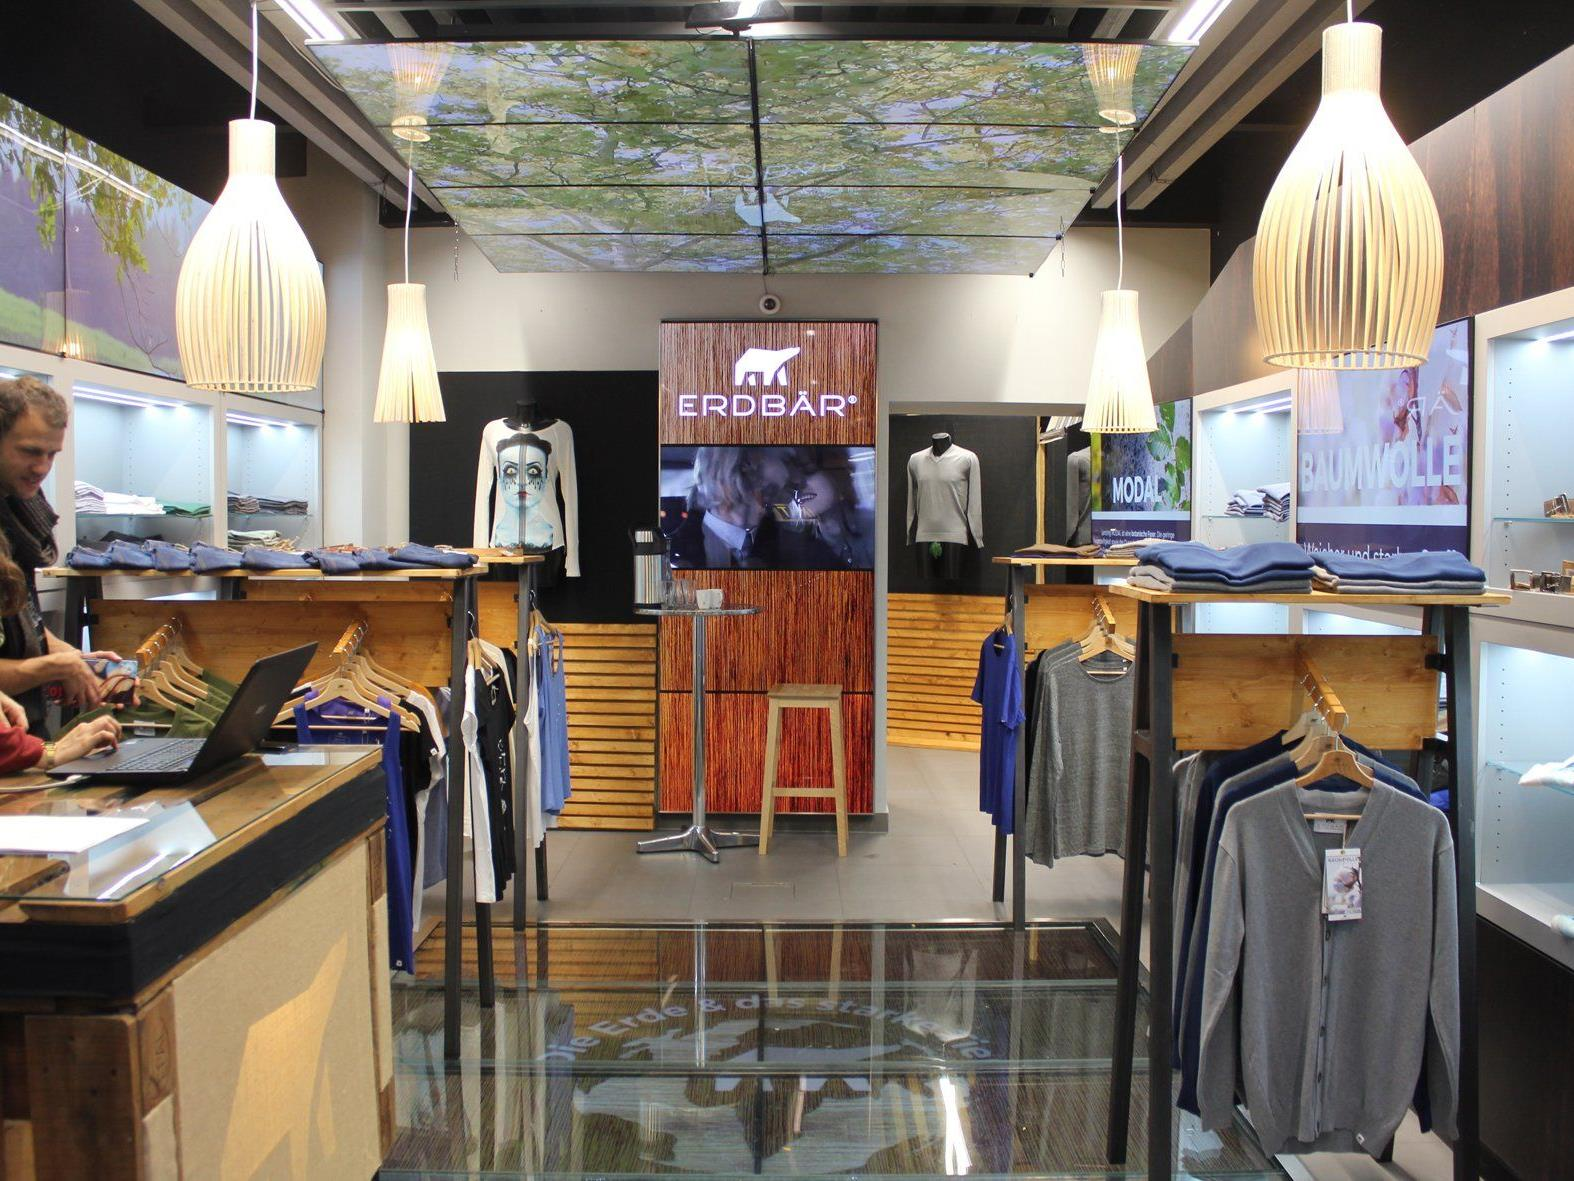 Die Kleidungsmarke ERDBÄR eröffnet erstmals in Wien einen Markenstore.